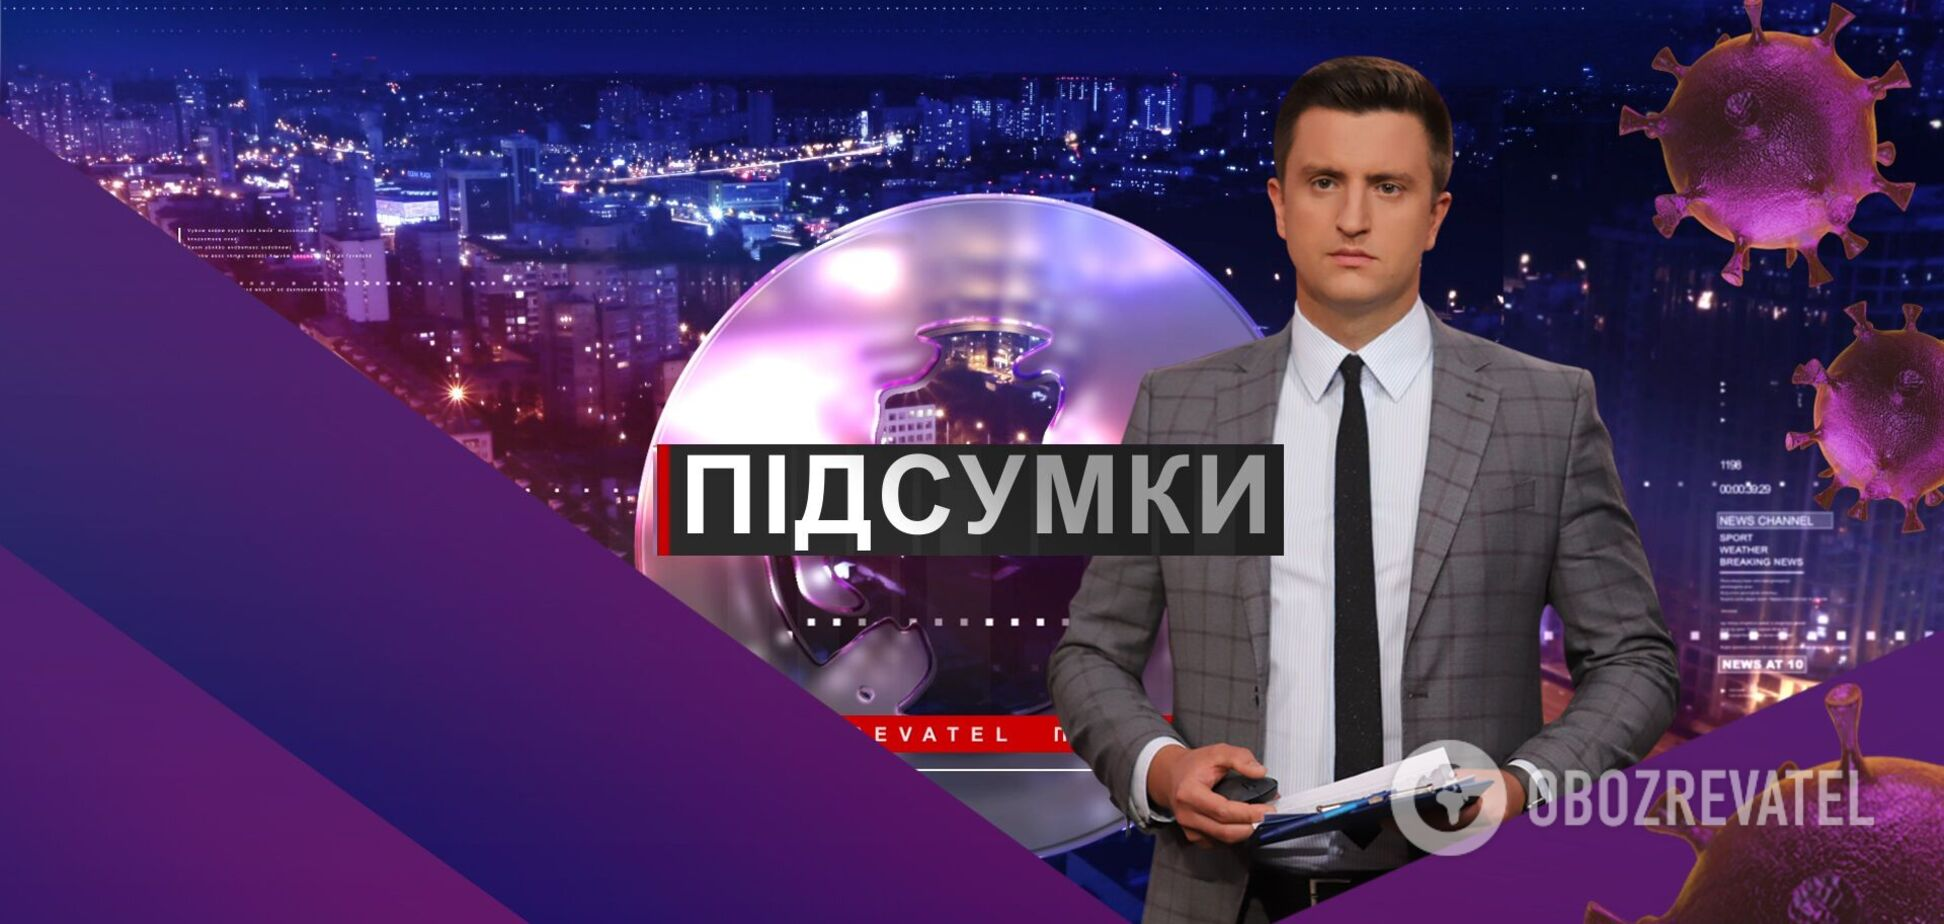 Підсумки дня з Вадимом Колодійчуком. П'ятниця, 15 січня